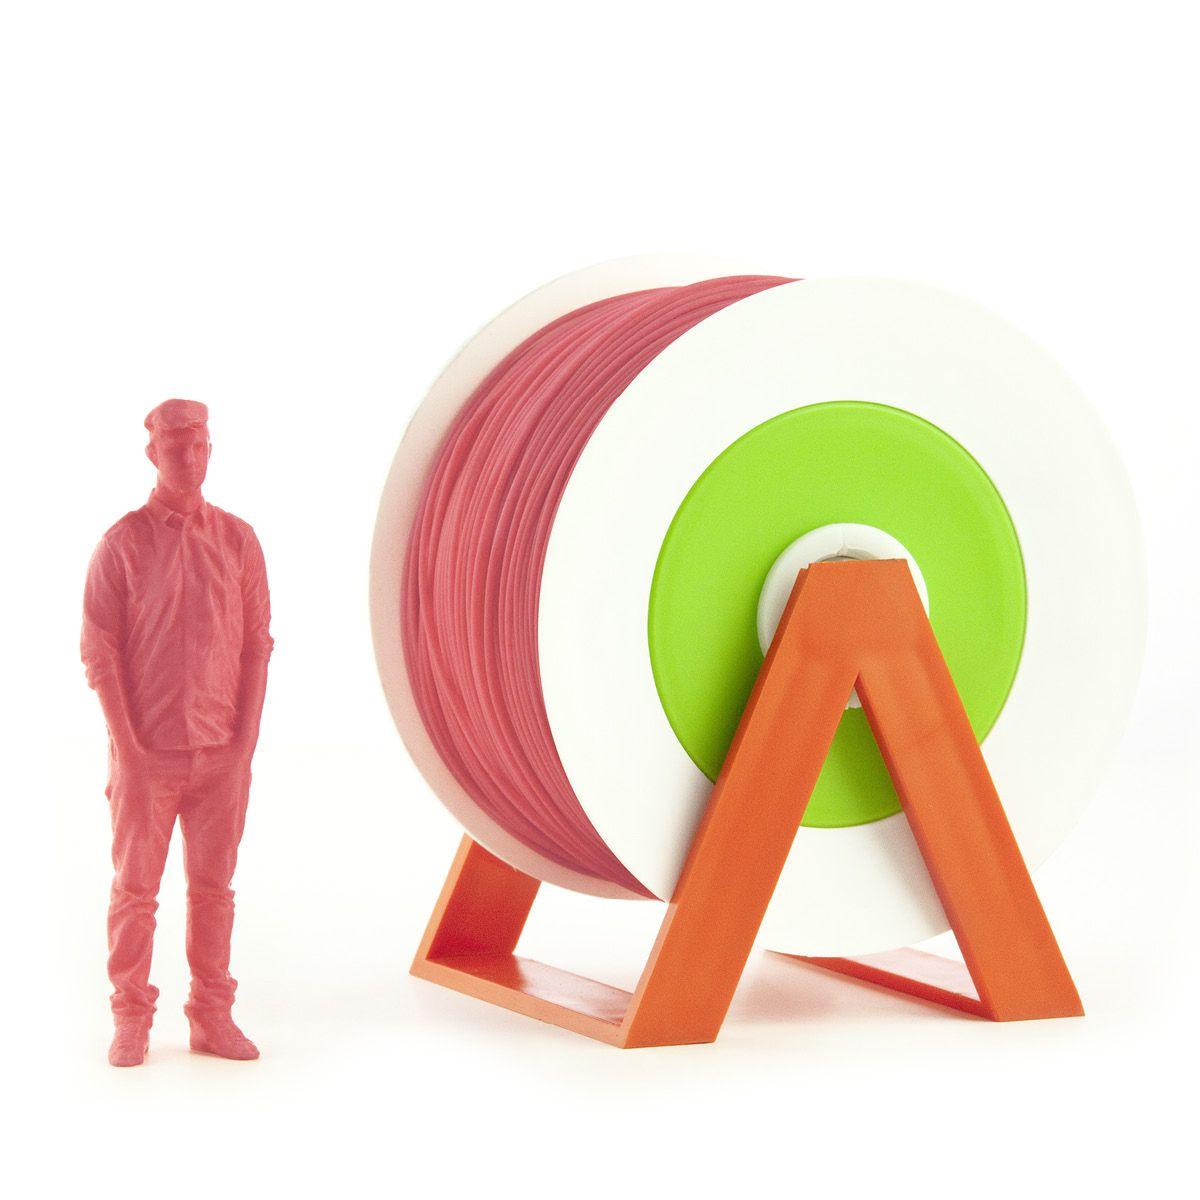 PLA Filament | Color: Bubblegum Pink